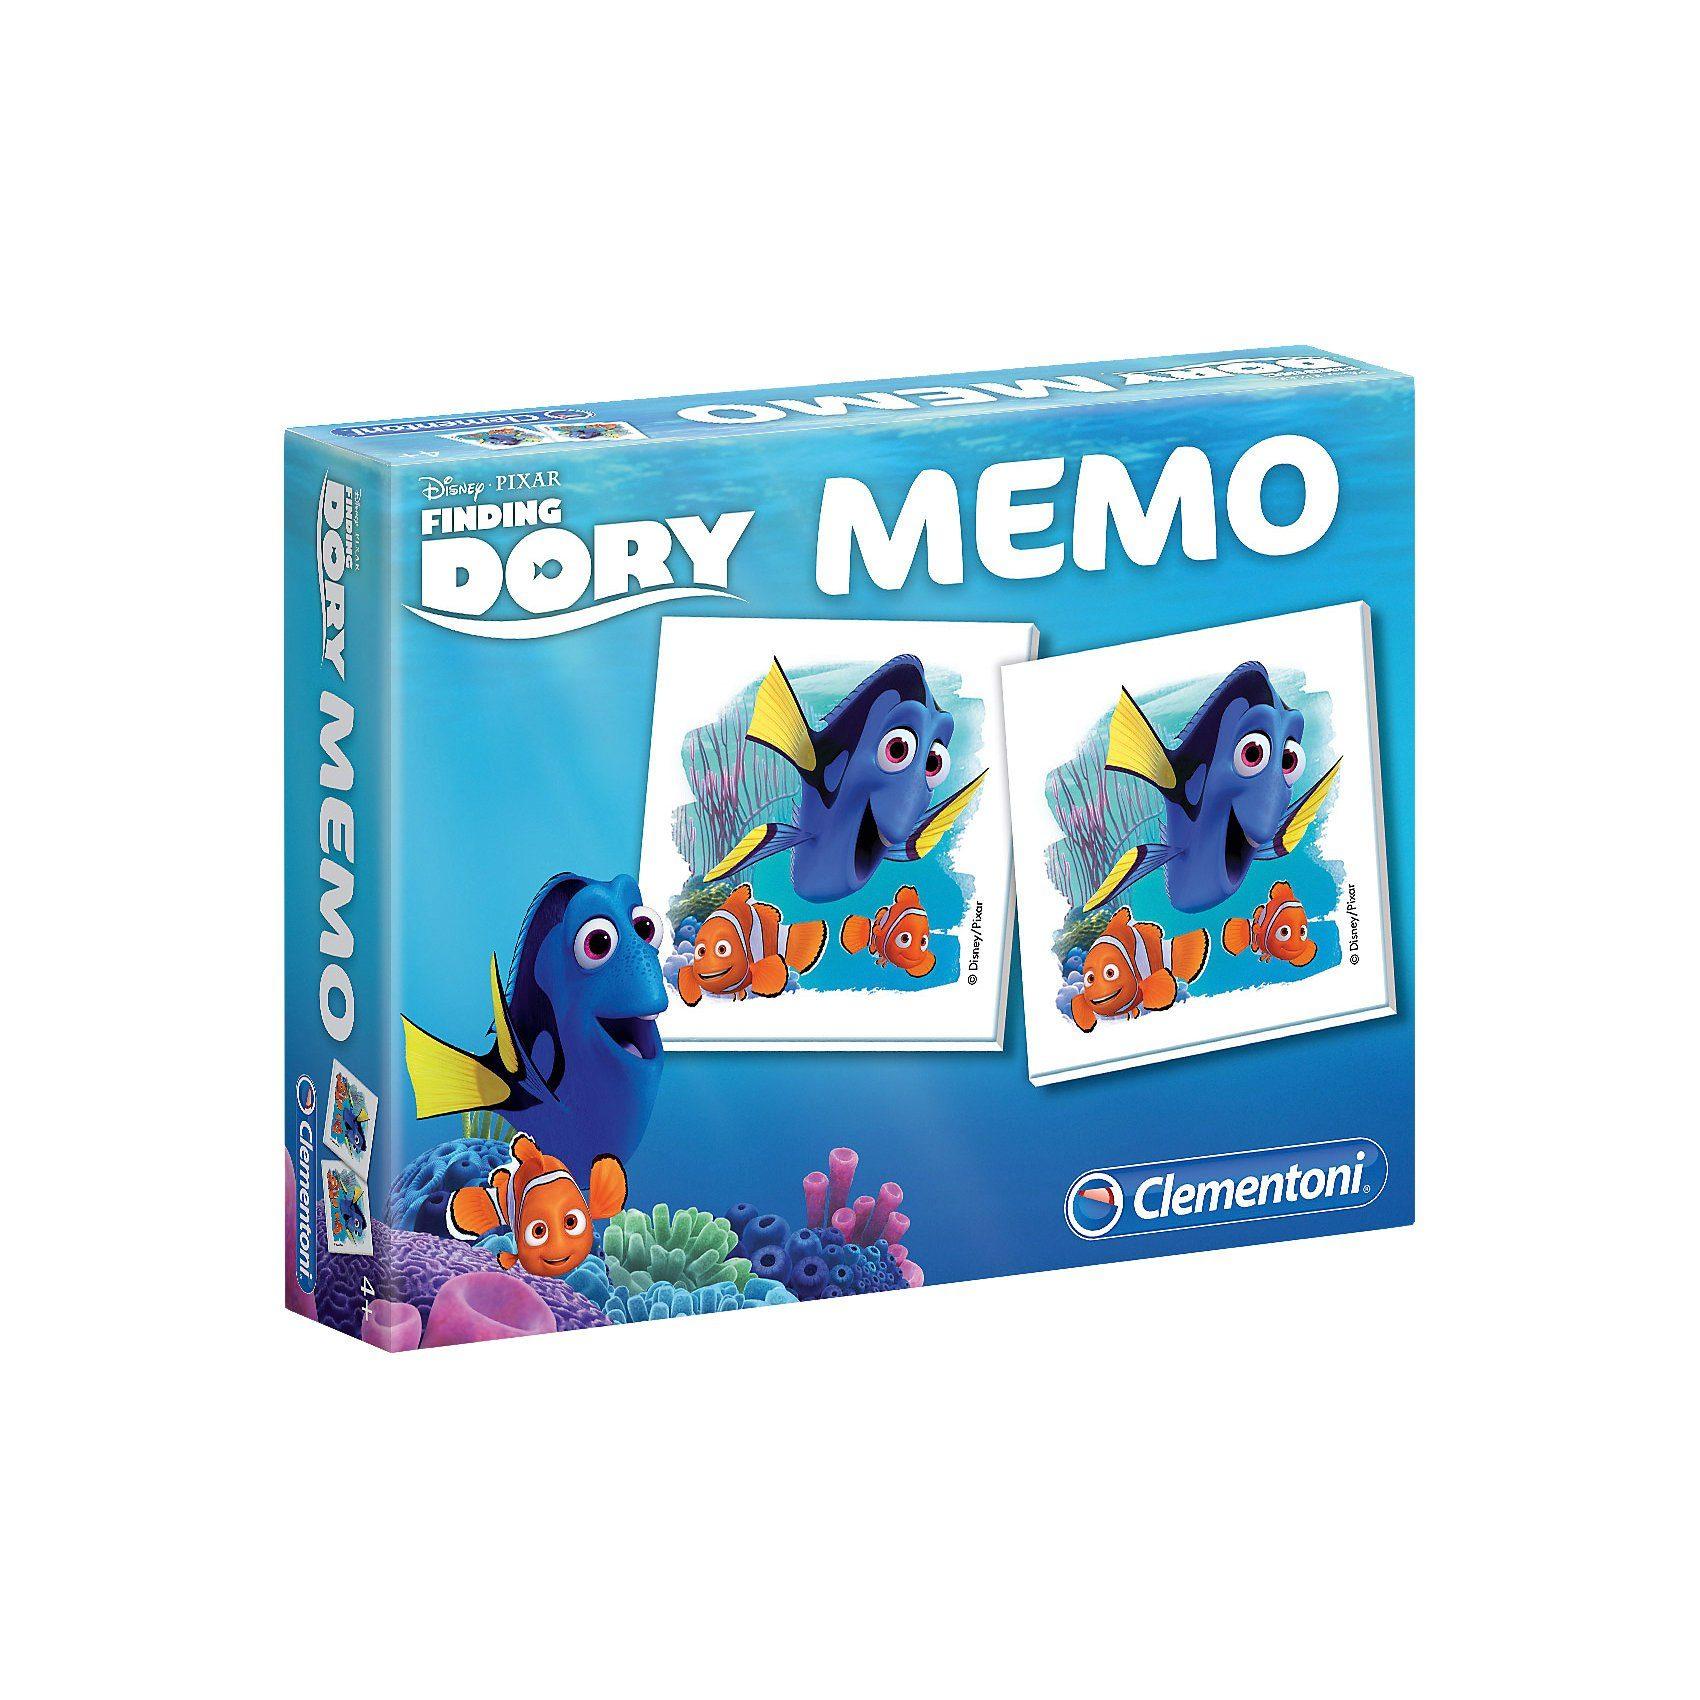 Clementoni Memo Kompakt - Findet Dorie